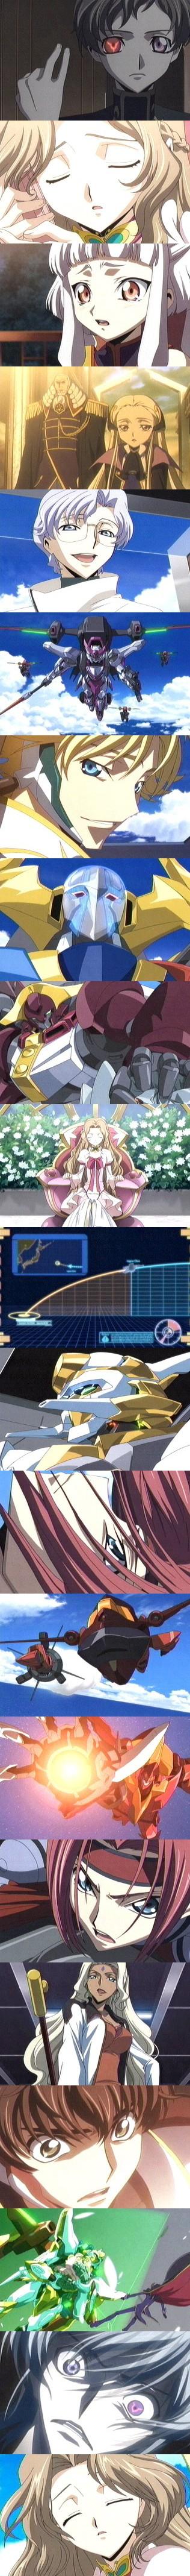 コードギアスR2 第06話